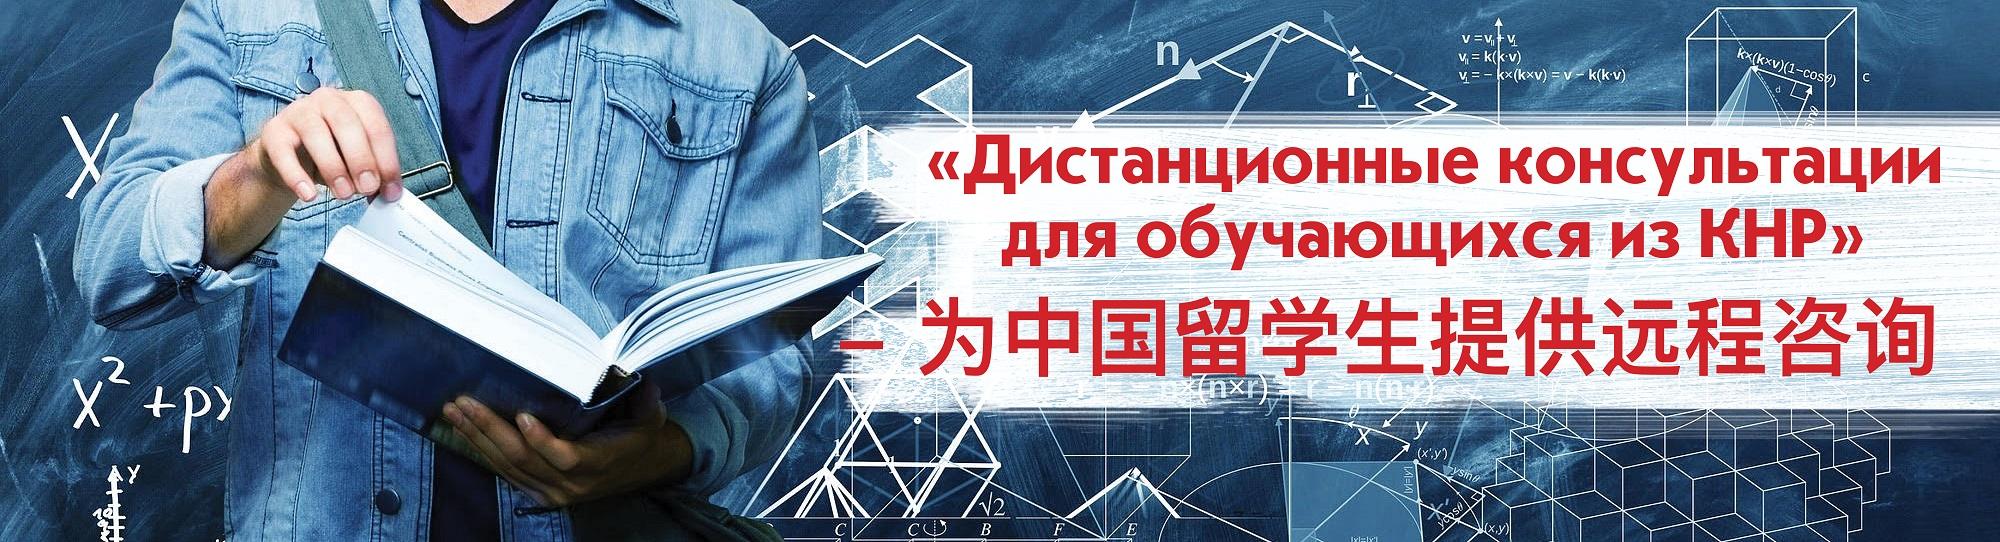 Дистанционные консультации для обучающихся из КНР